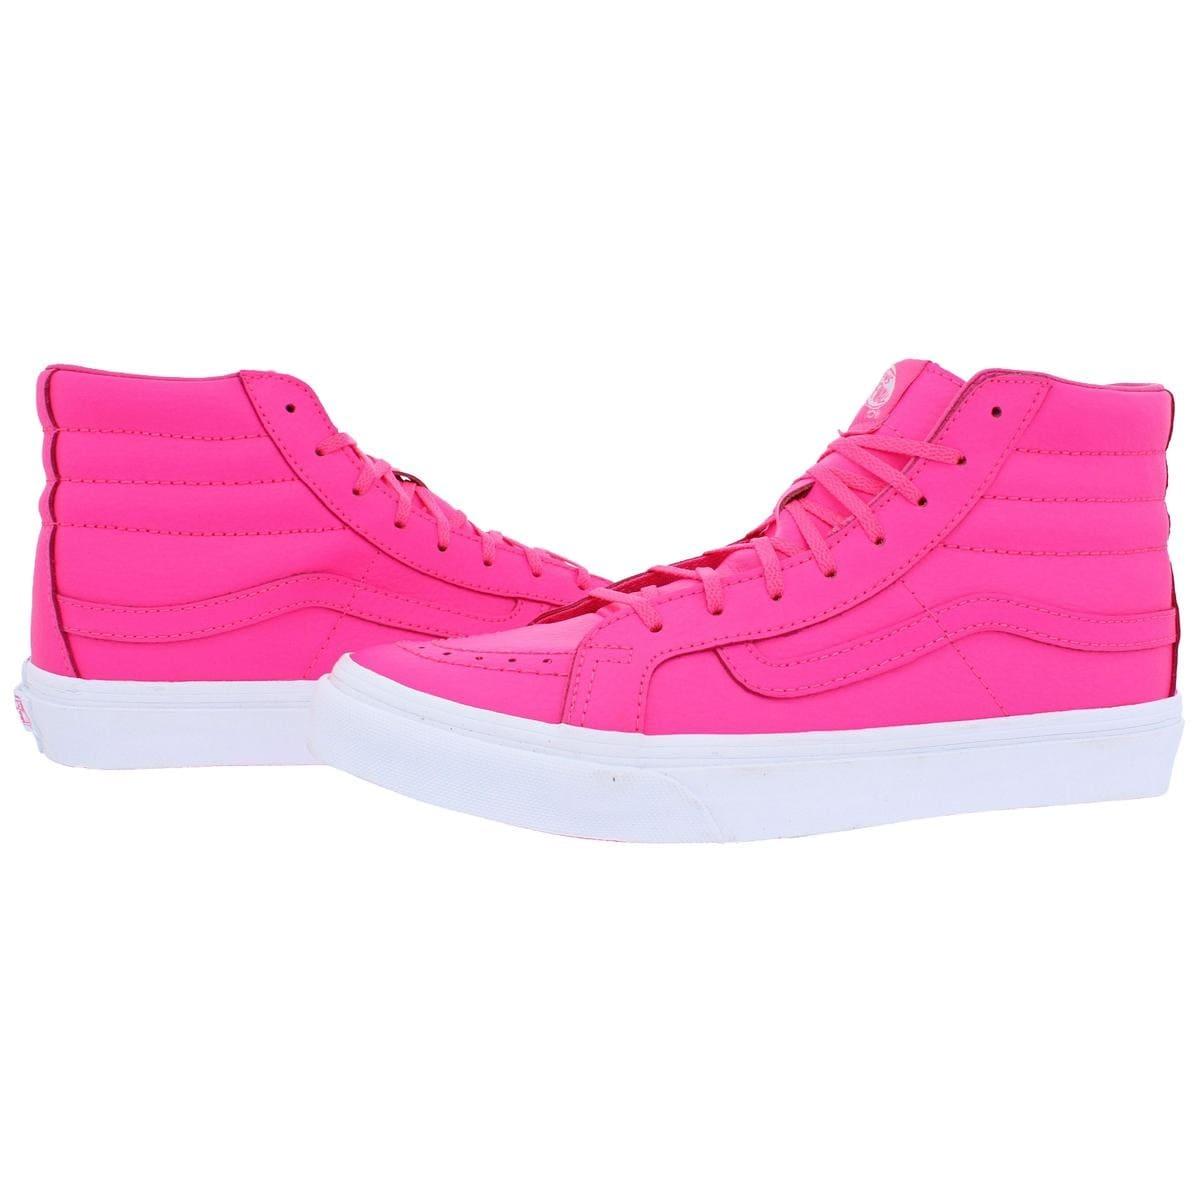 e4d9c8db15 Shop Vans Womens SK8-Hi Slim Neon High Top Sneakers Skate Neon - 8.5 medium  (b